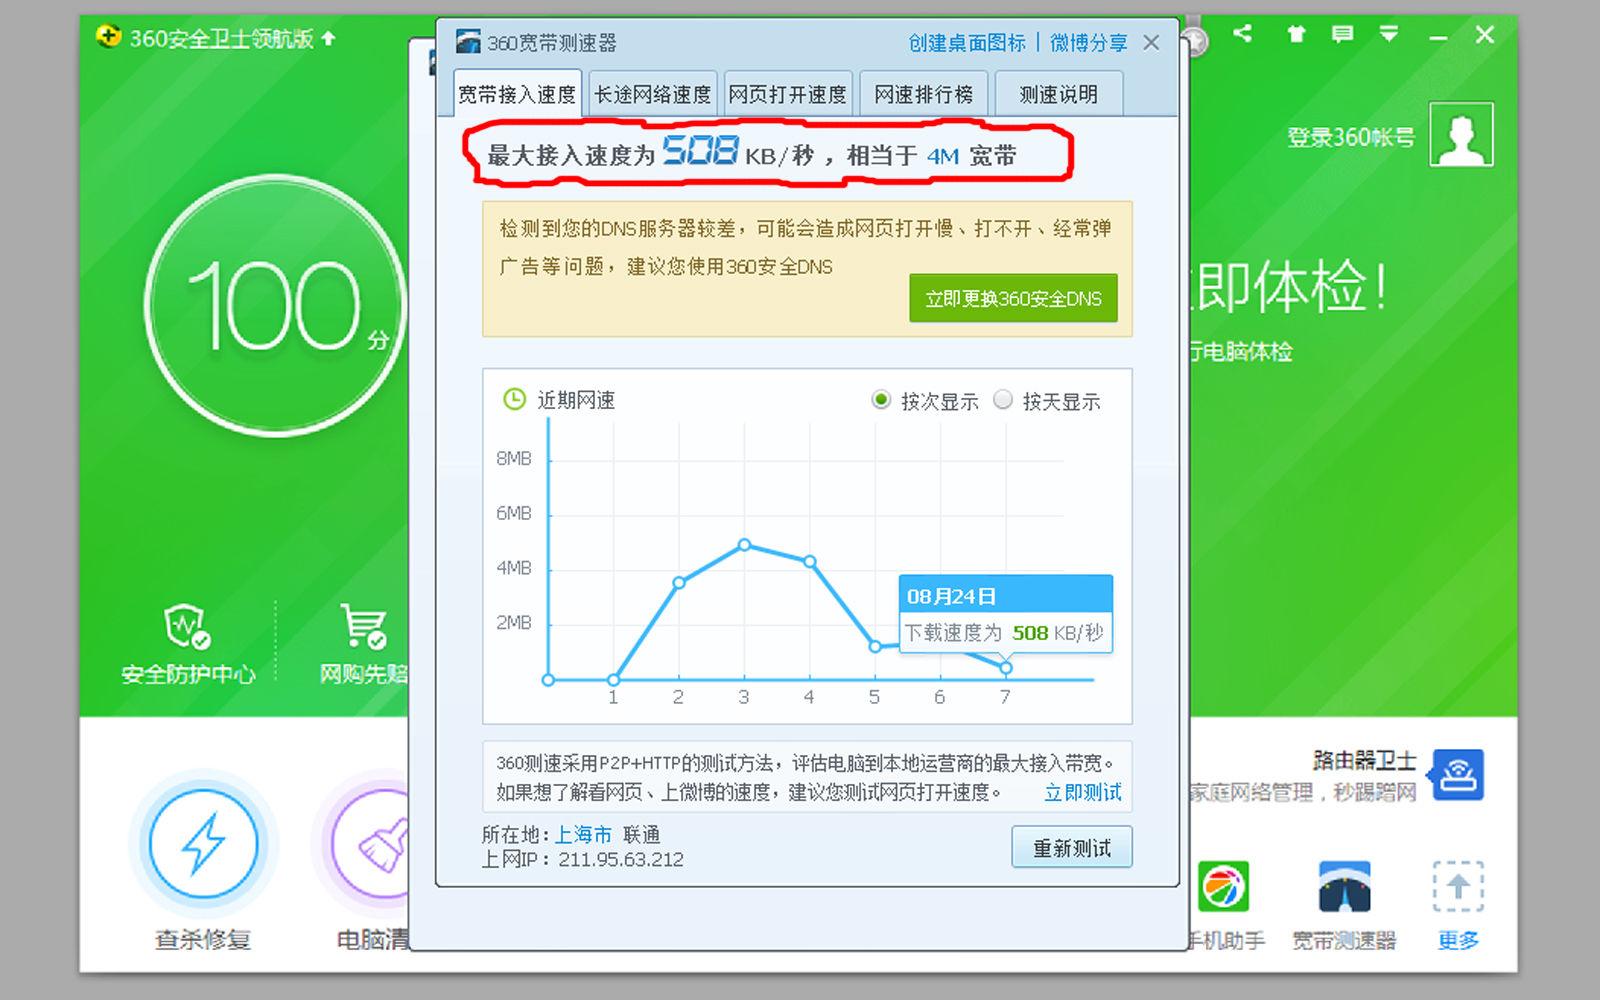 测速 3,最后出具网速测定报告,标注这次(实时的)最大接入速度为508kb